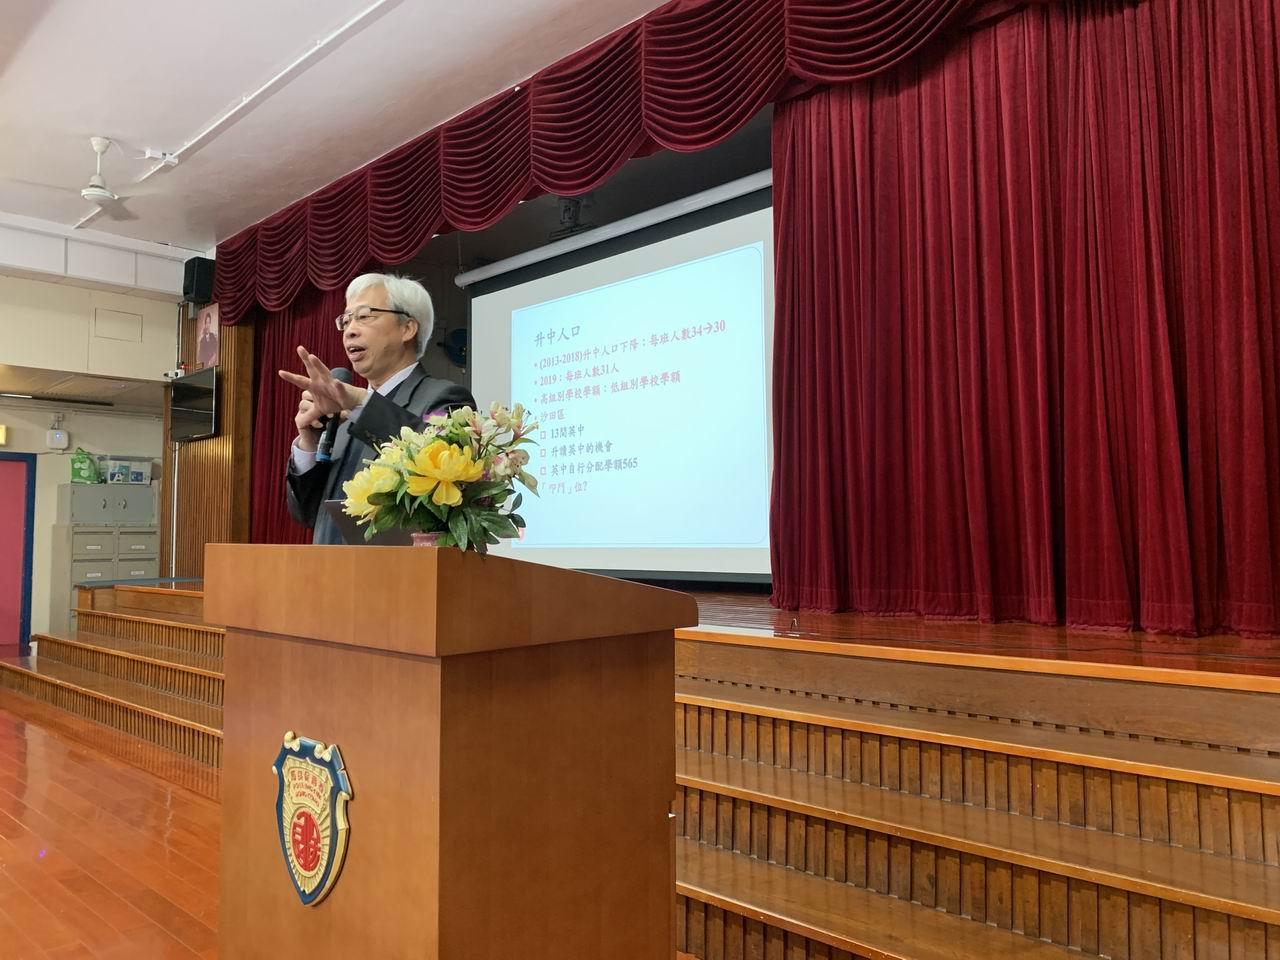 https://plkcjy.edu.hk/sites/default/files/img_6702.jpg